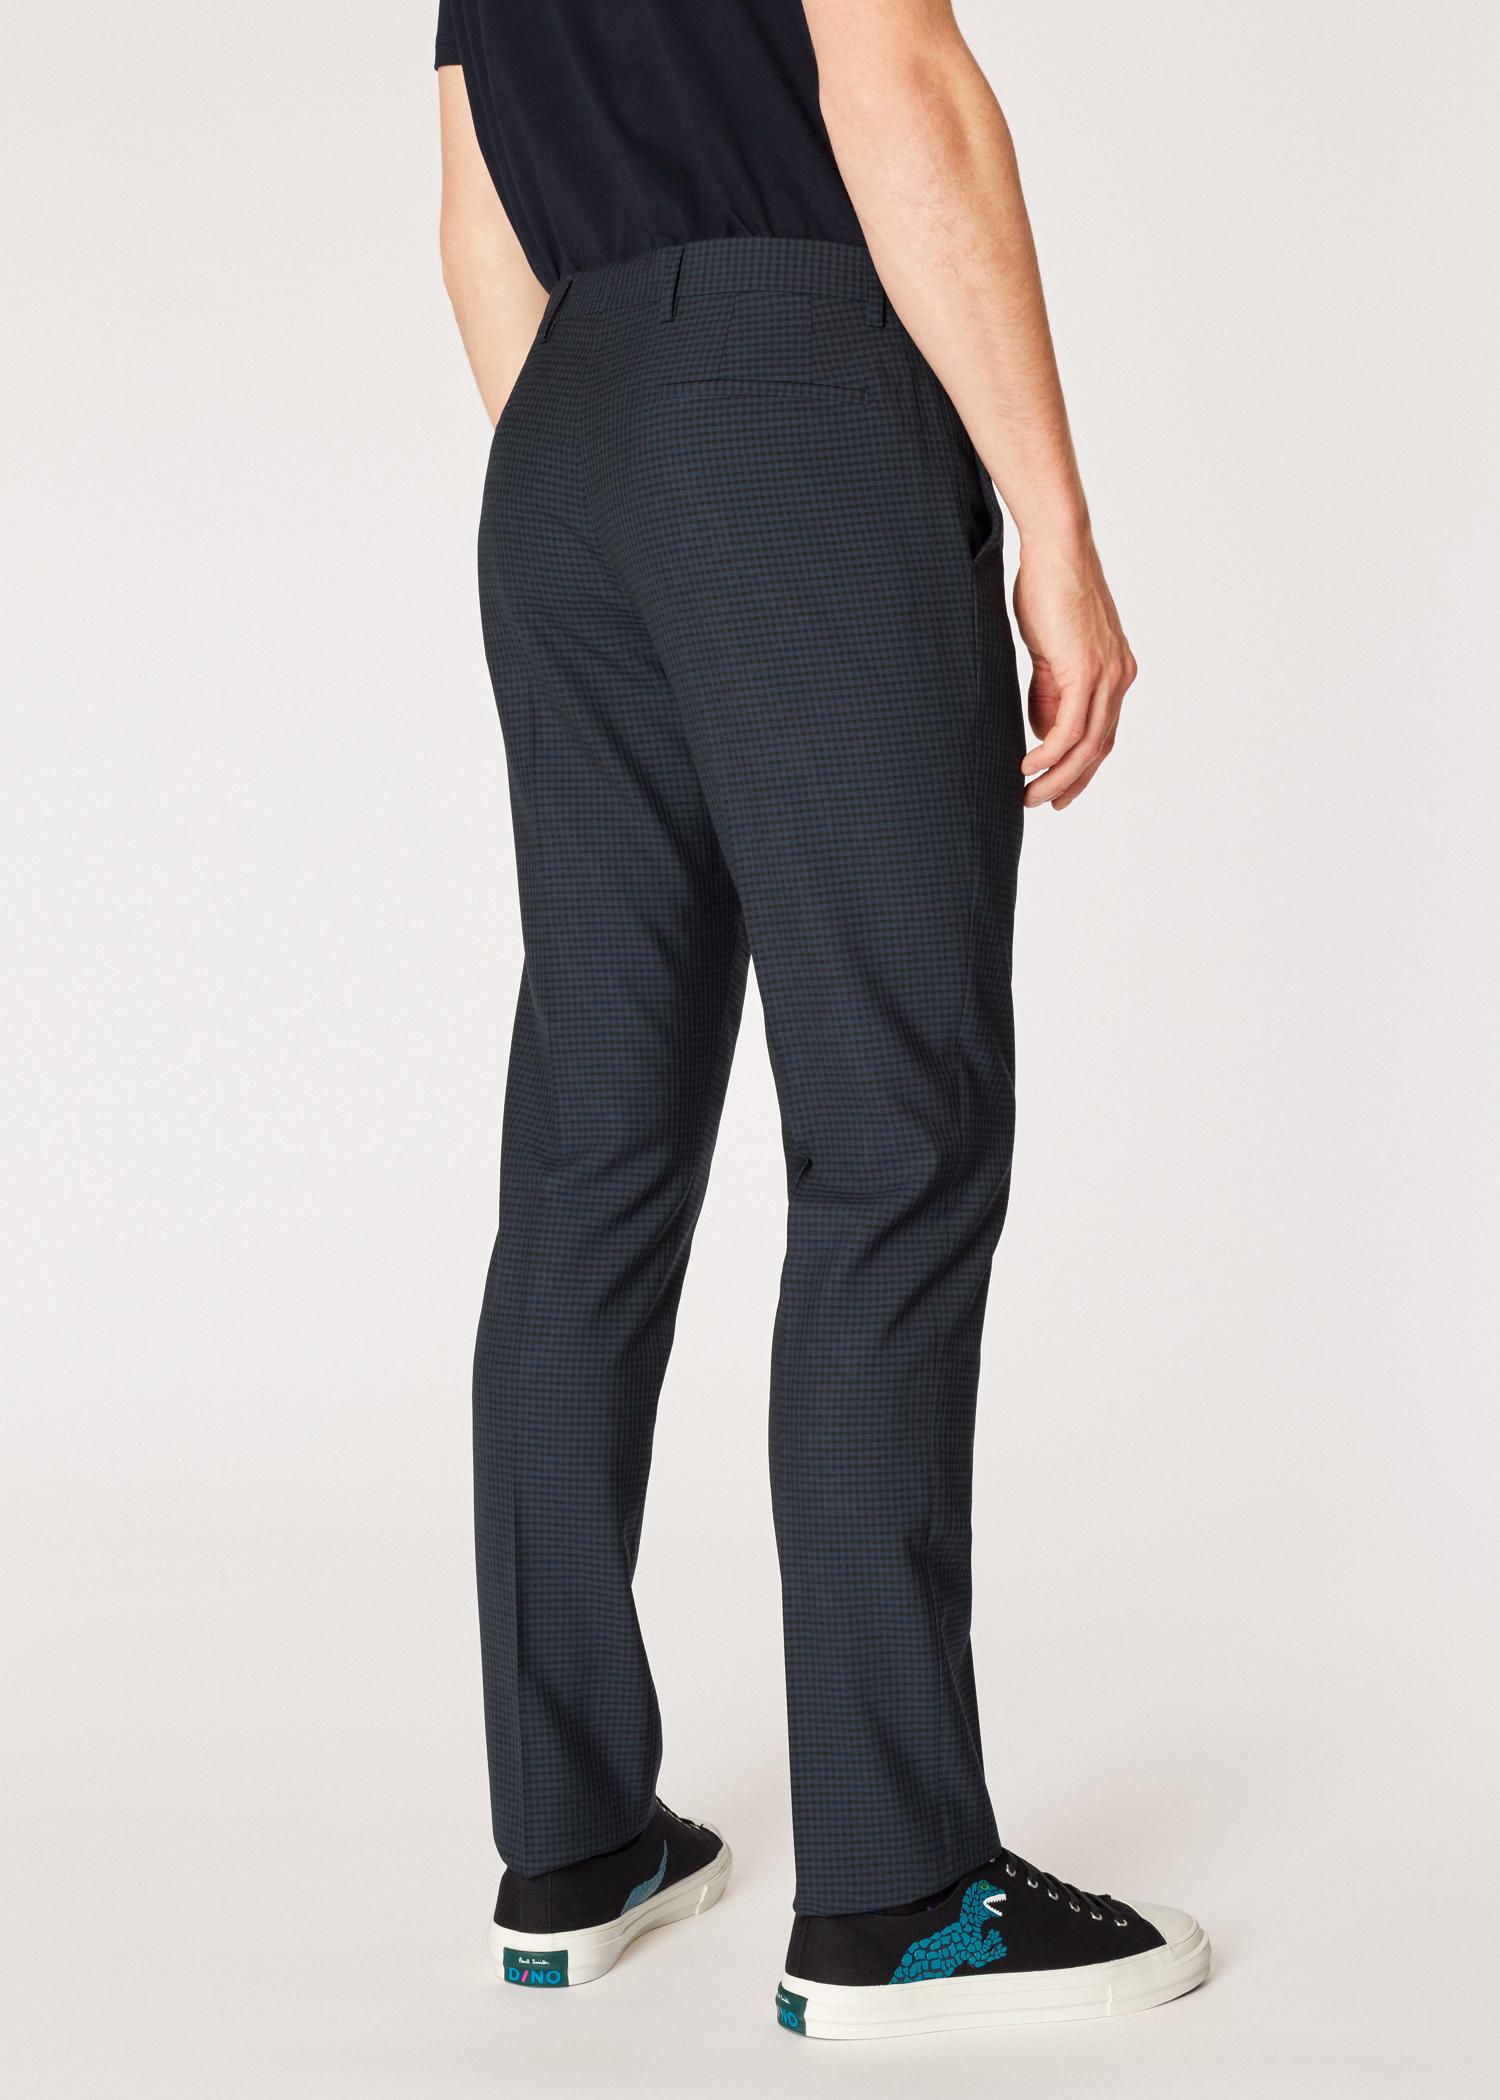 pantalon homme bleu marine fonc carreaux en laine coupe. Black Bedroom Furniture Sets. Home Design Ideas